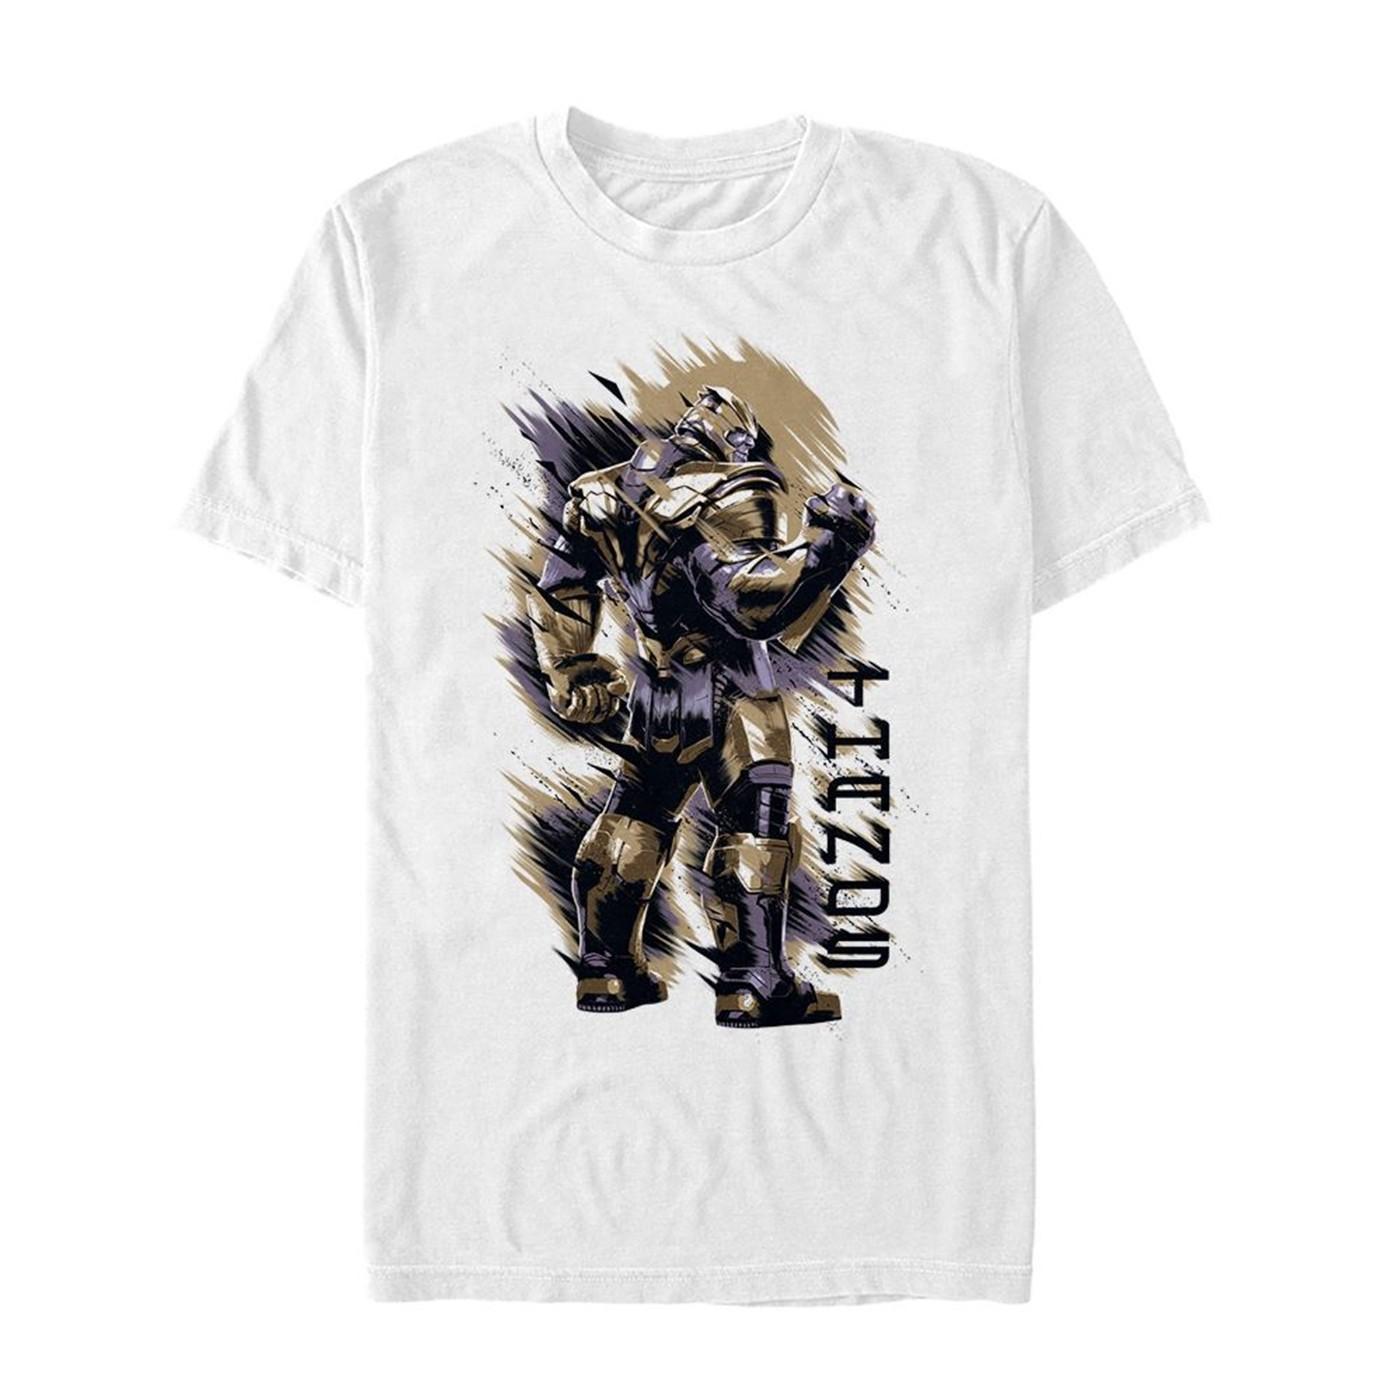 Avengers Endgame Thanos Shoulder Men's T-Shirt